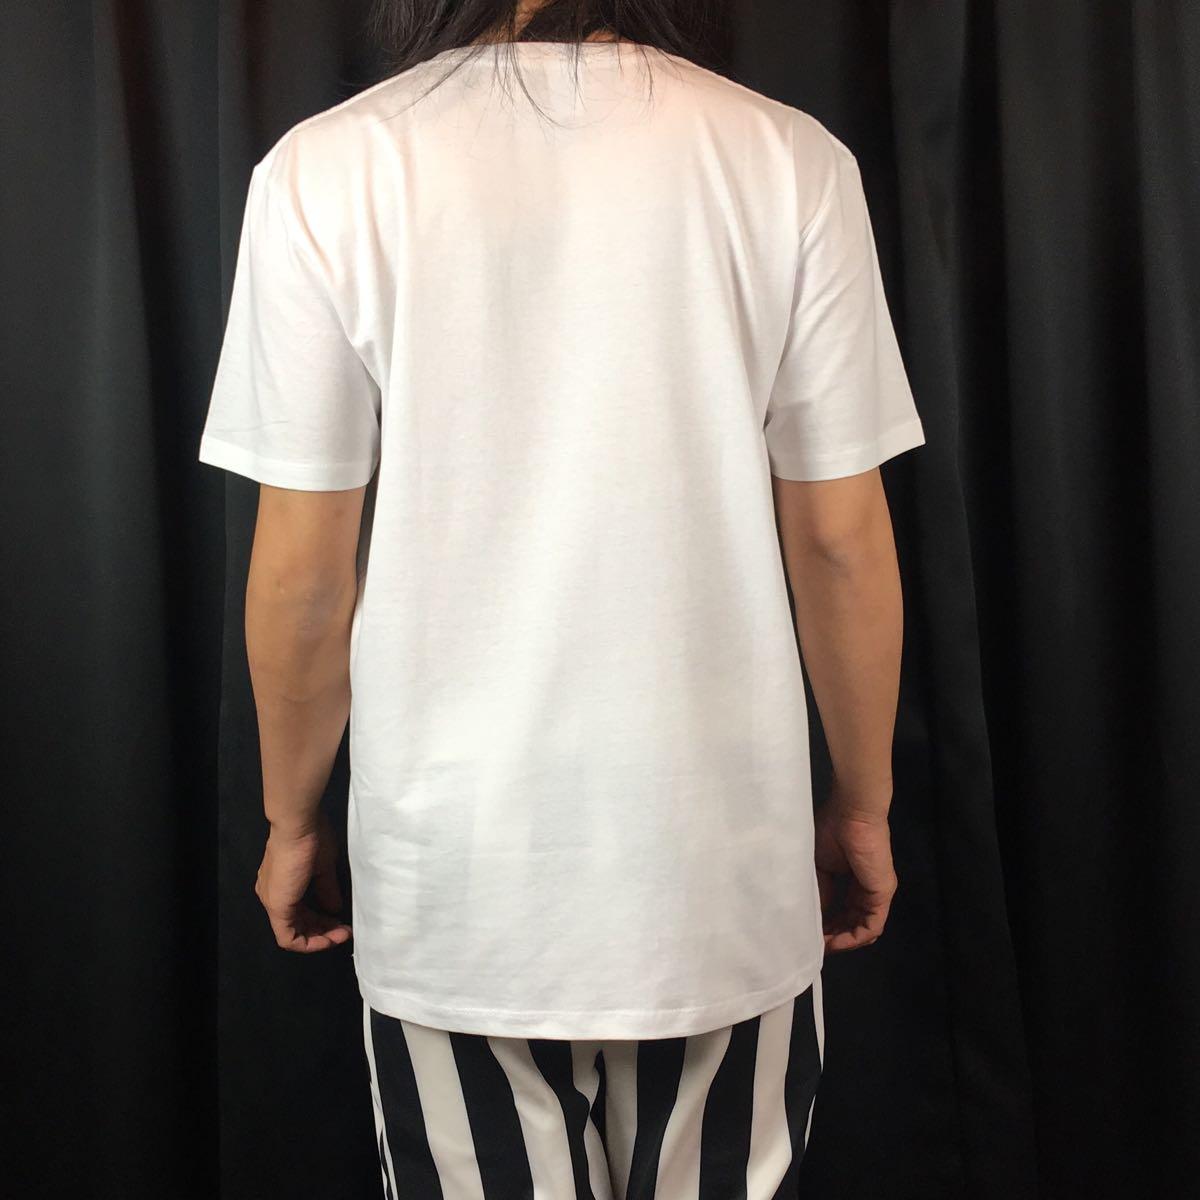 新品 マイクタイソン Tシャツ S M L XL ボクシング モハメドアリ 大きい ビッグ オーバー サイズ XXL 3XL 4XL 5XL ロンT 長袖 黒 対応 可能_画像2